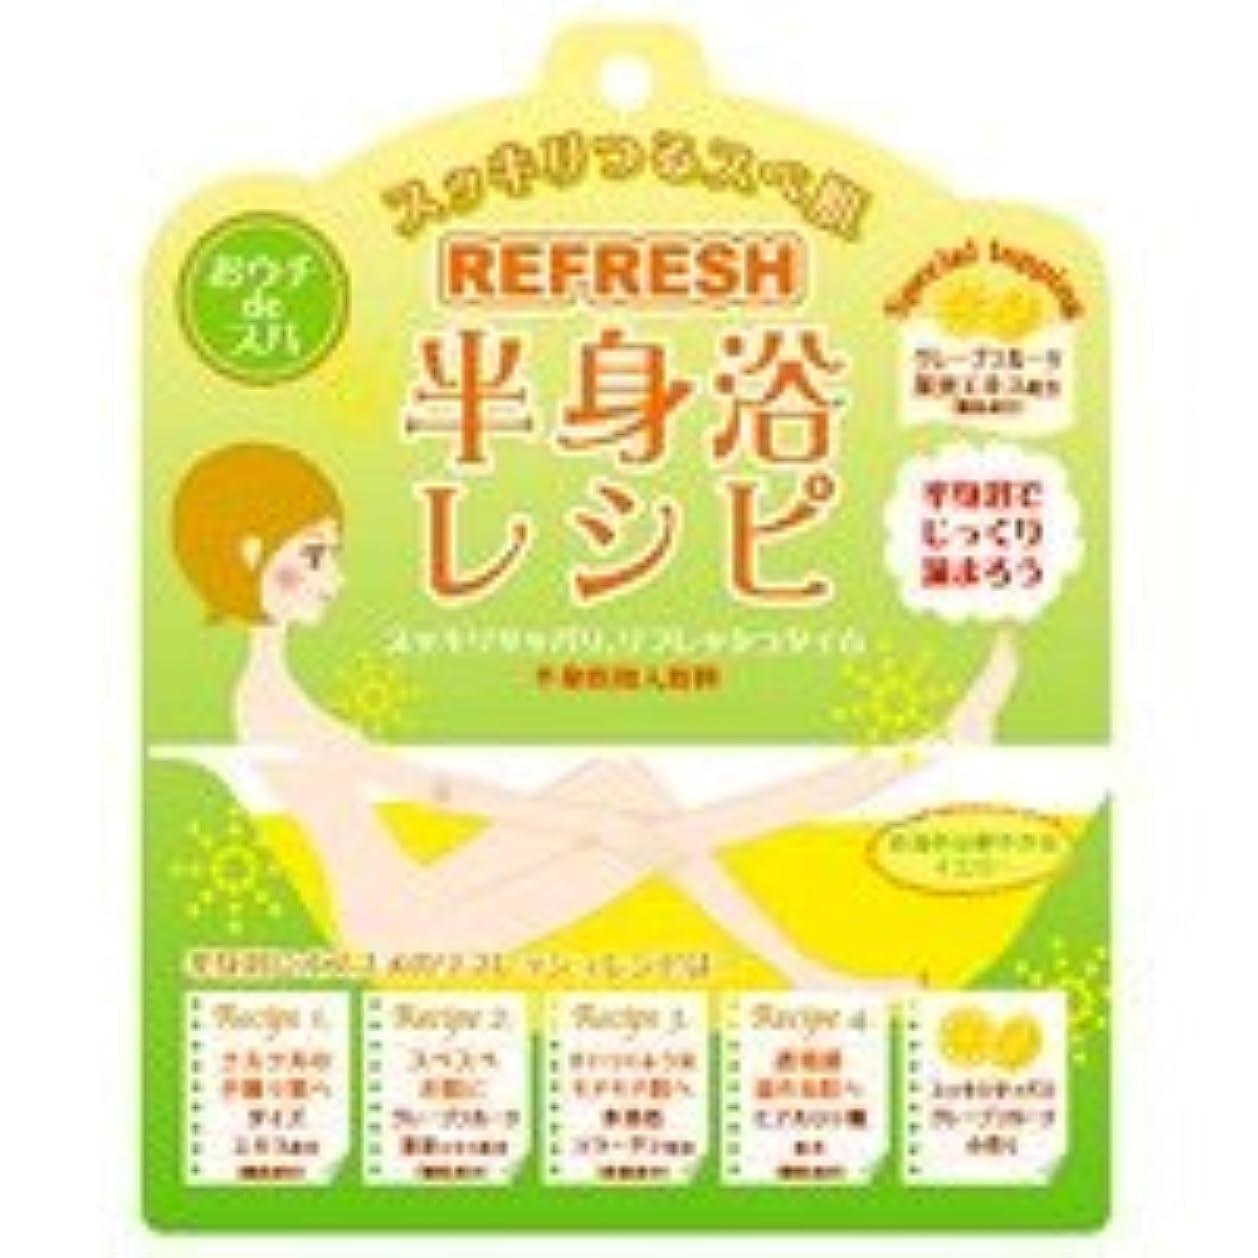 発表する軸スコットランド人半身浴レシピ「リフレッシュレシピ」10個セット クリアイエローのお湯 スッキリサッパリなグレープフルーツの香り